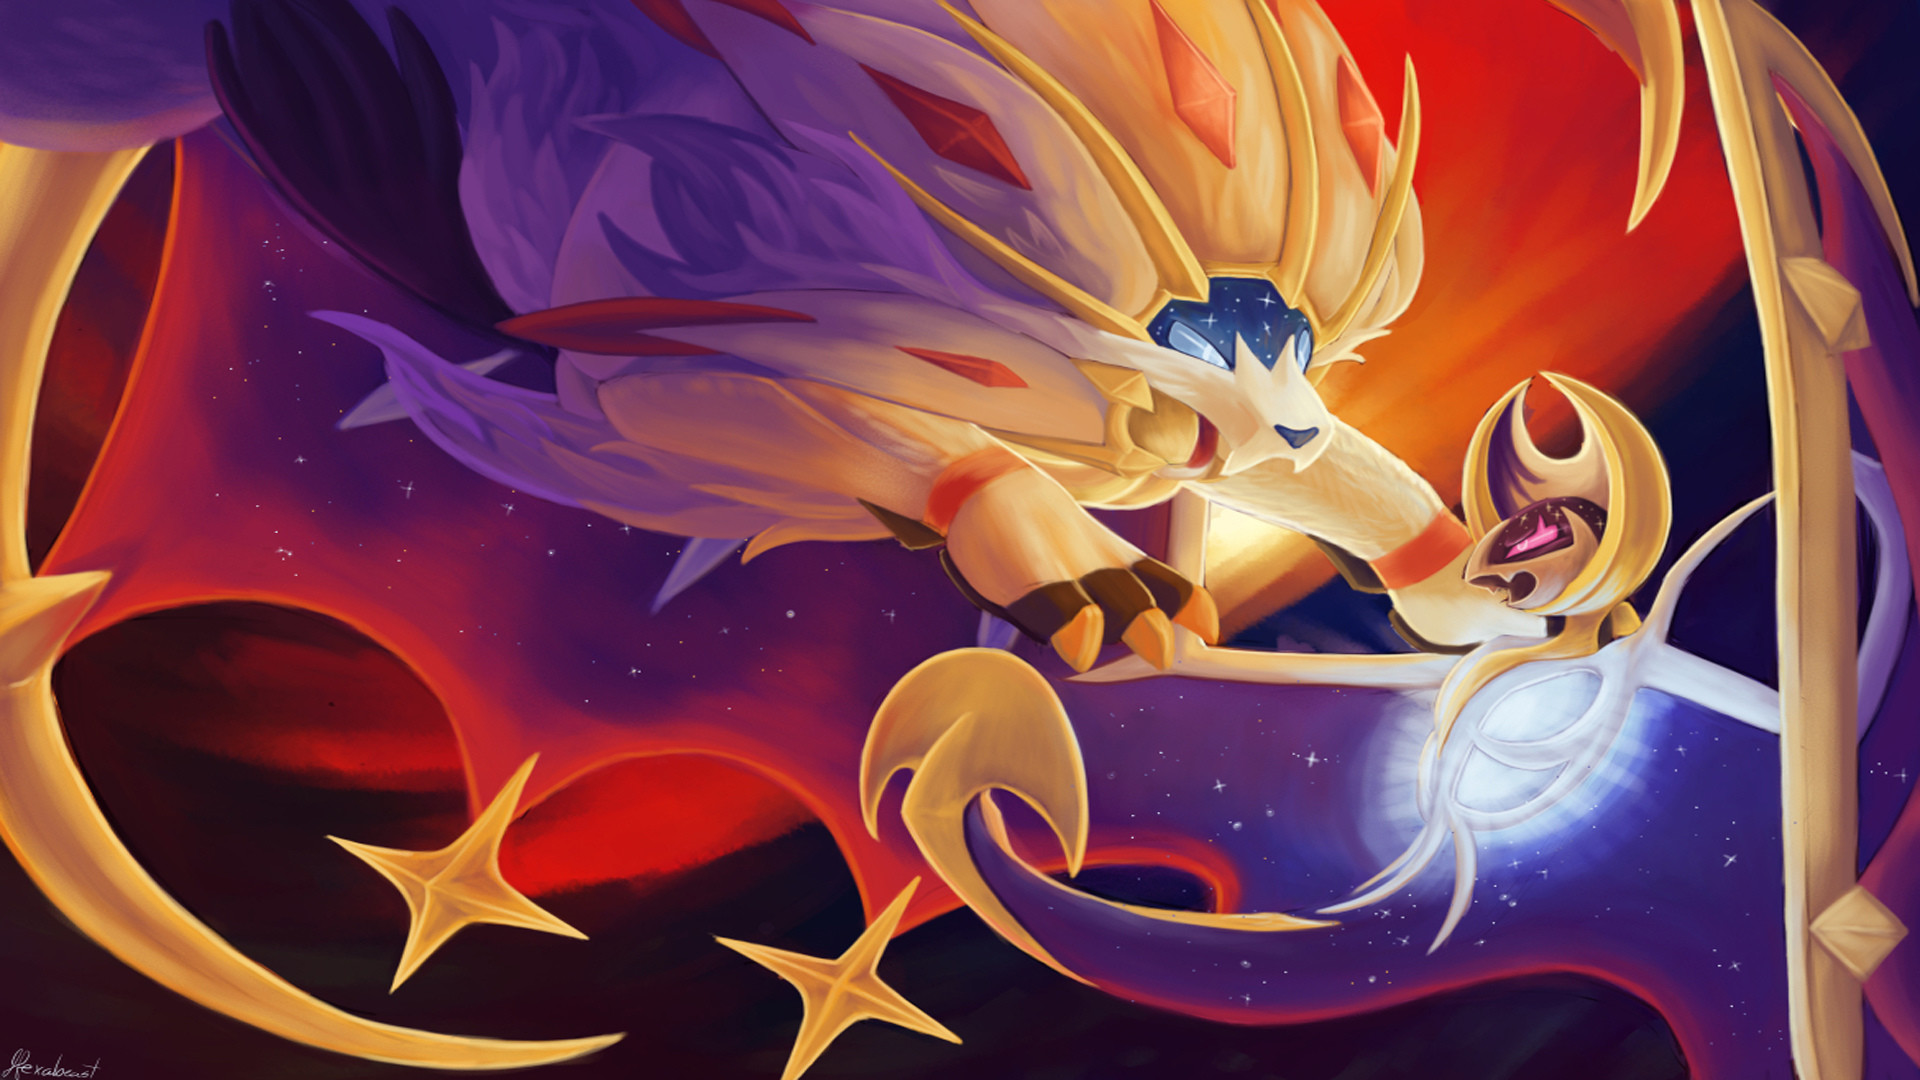 Pokemon Legendary Wallpaper 62 images 1920x1080